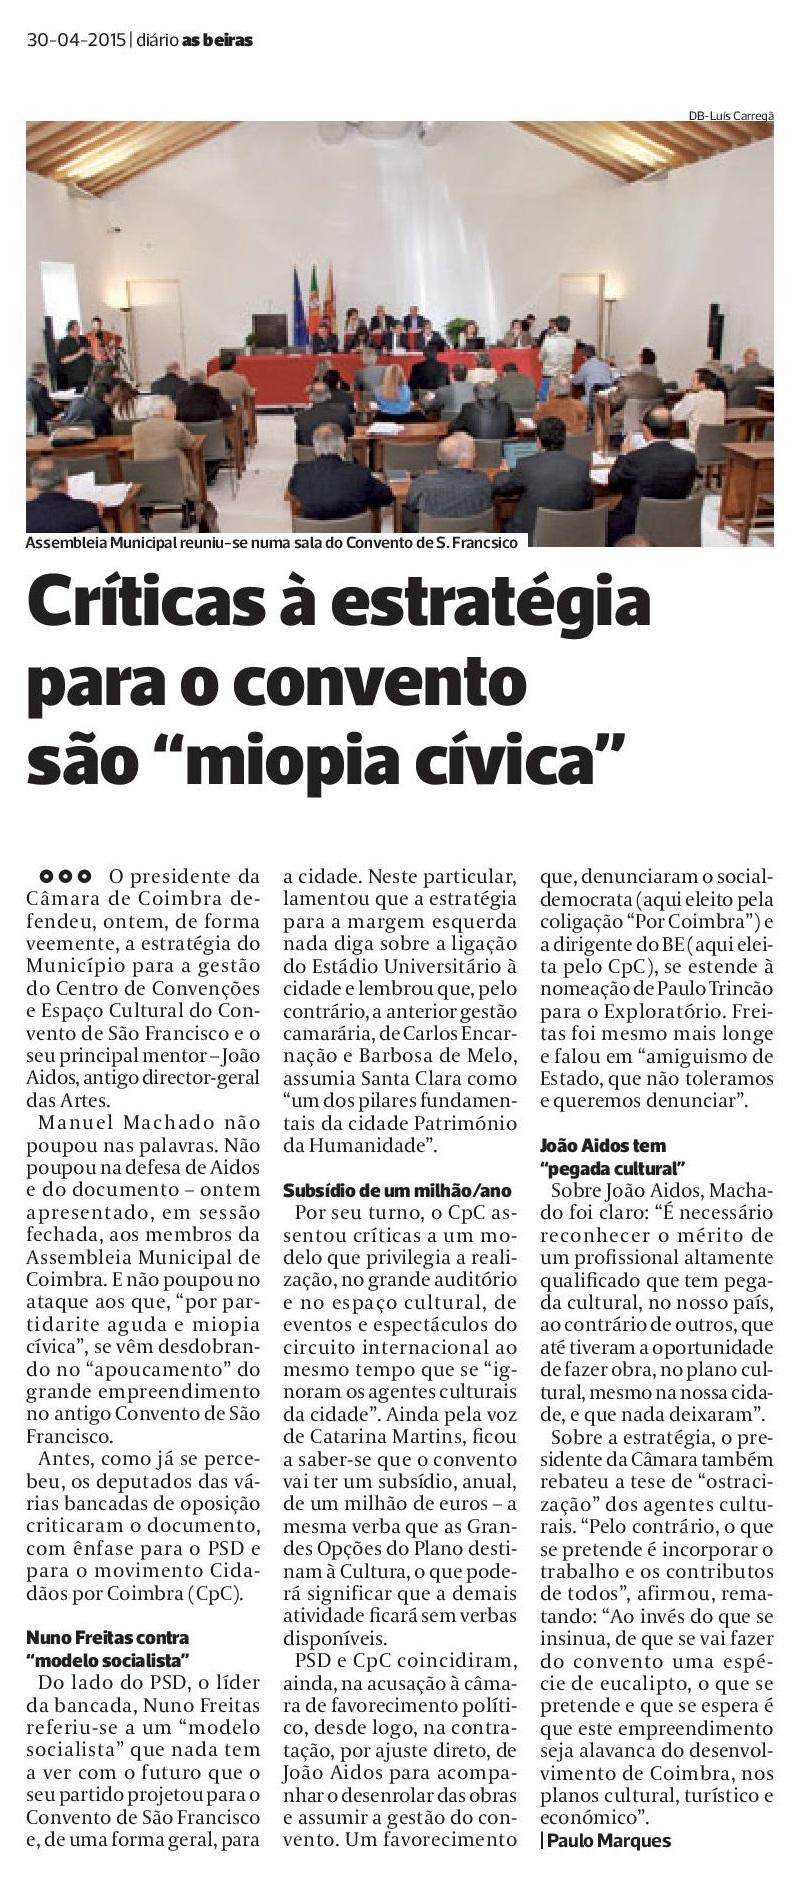 Beiras 30042015